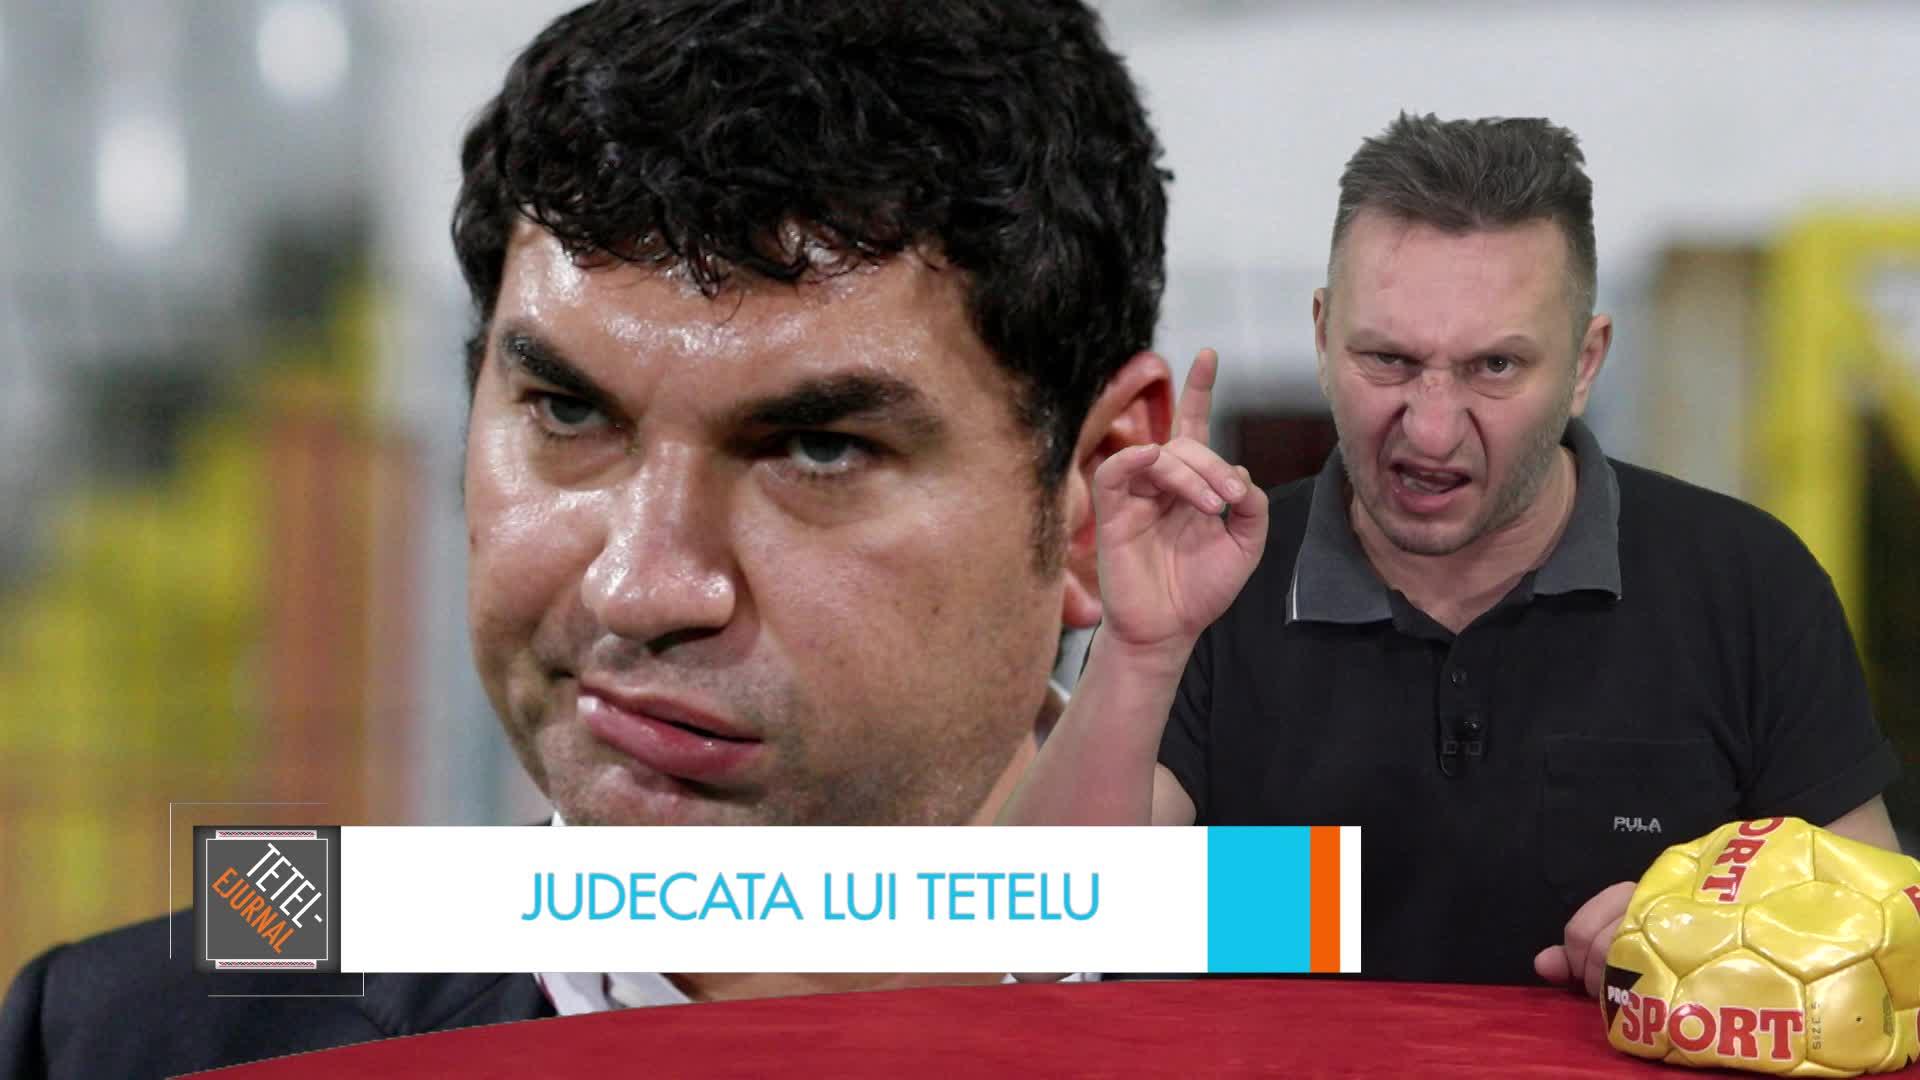 Judecata lui Tetelu: Sponsorul lui Tetelu